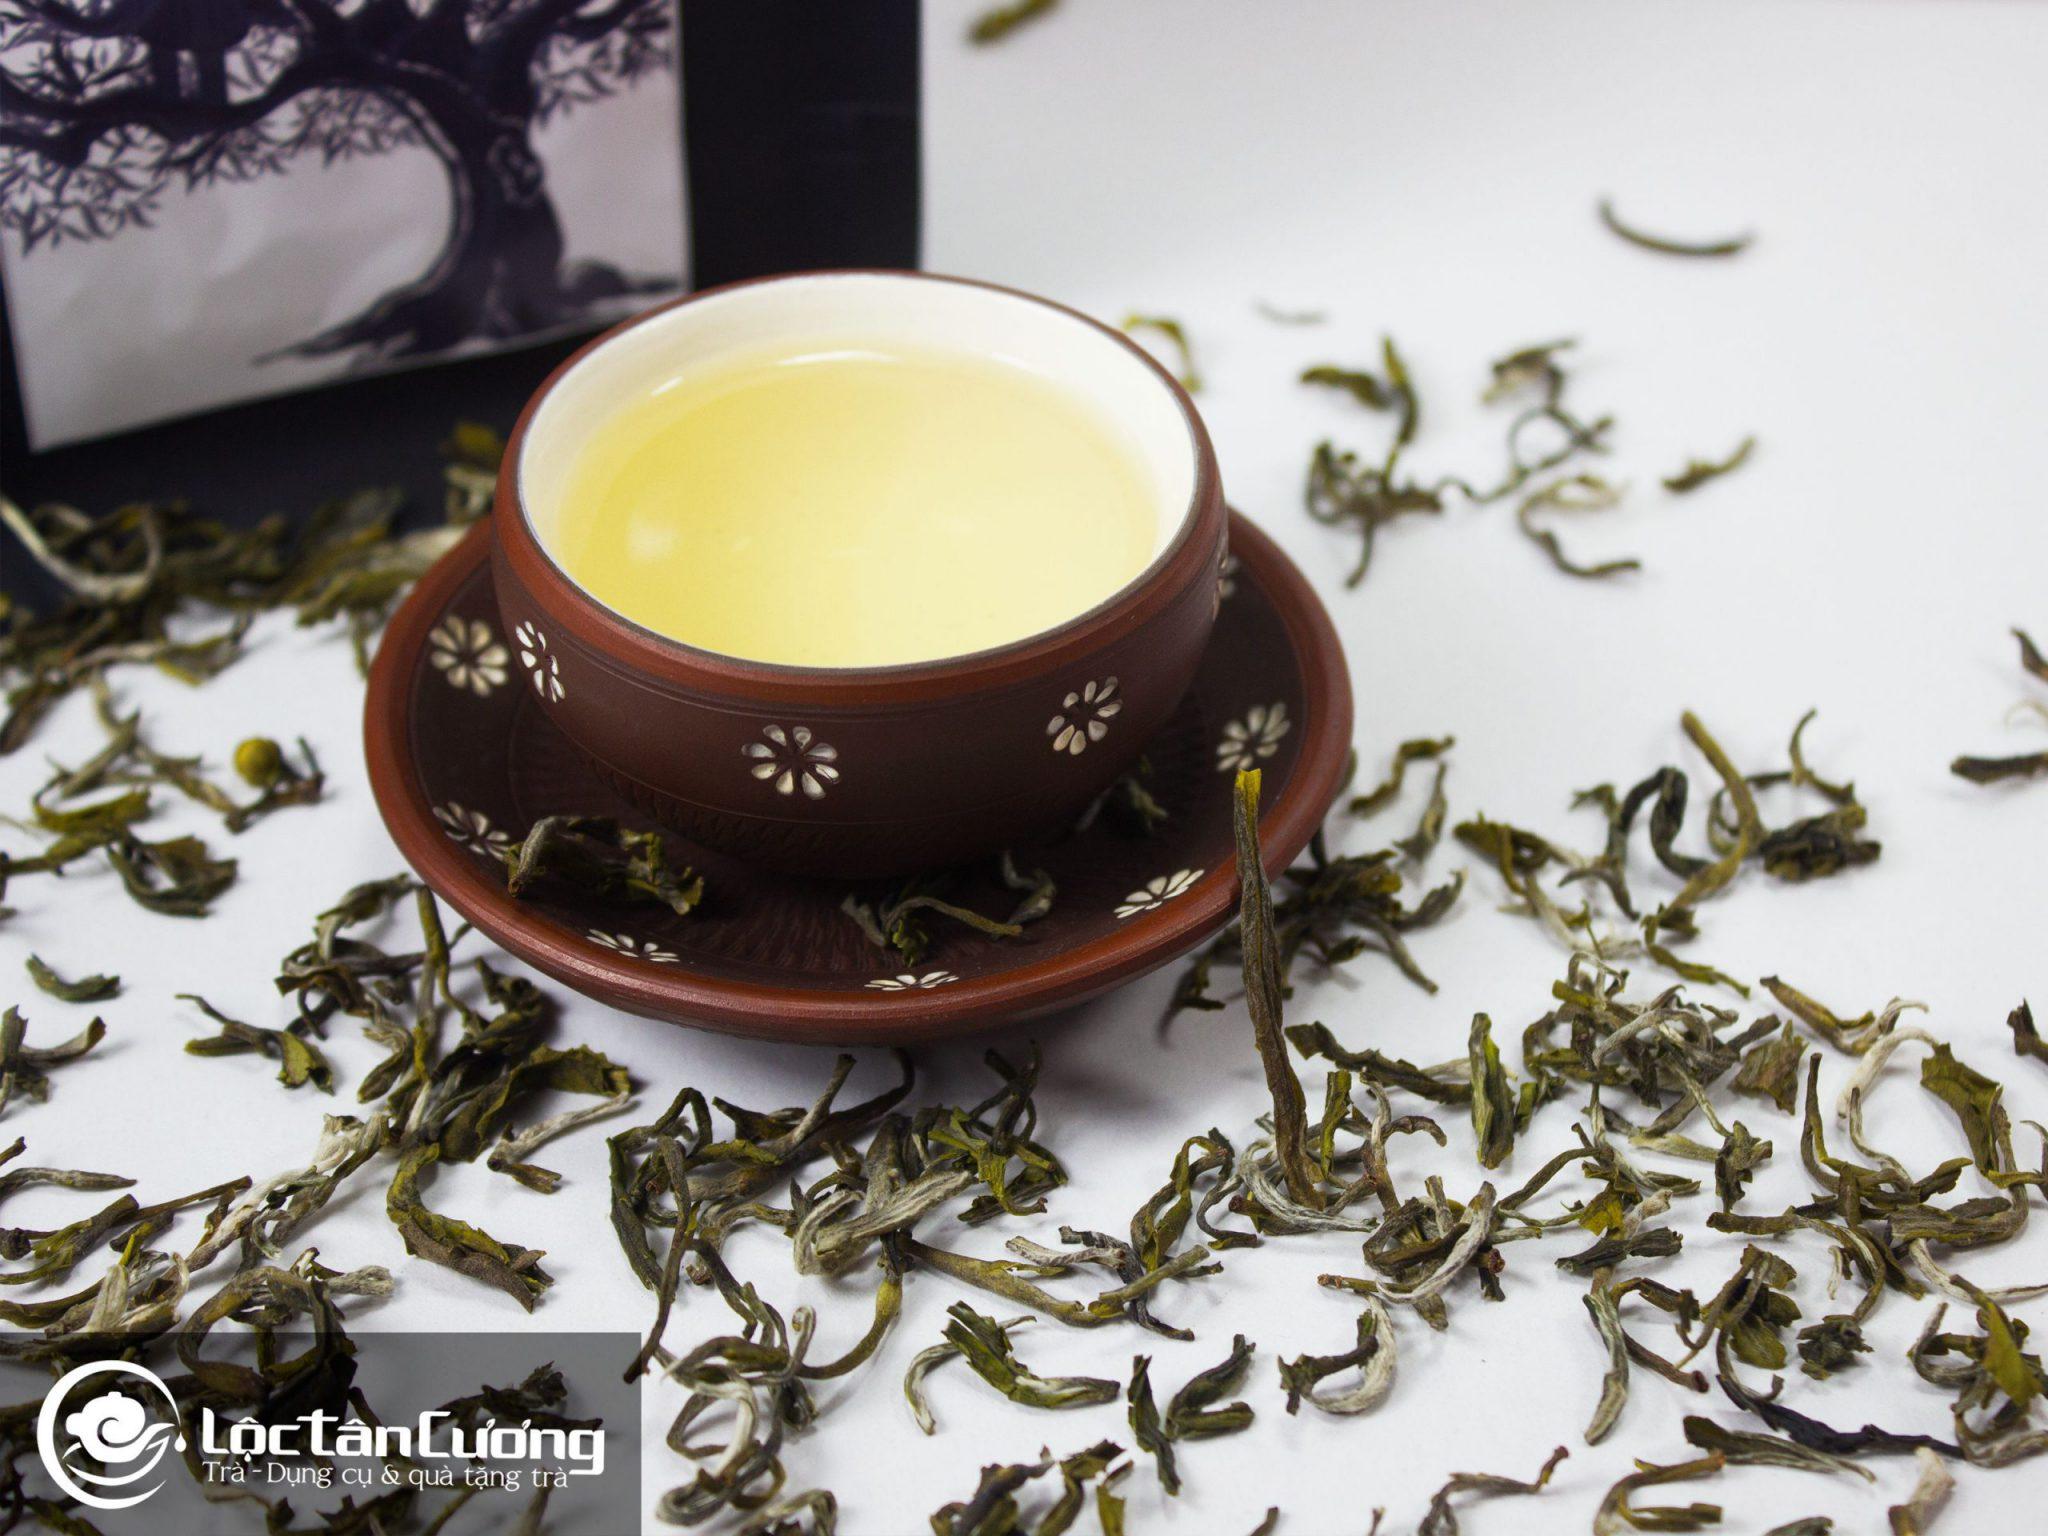 Cánh, màu nước của trà shan tuyết Tà Xùa